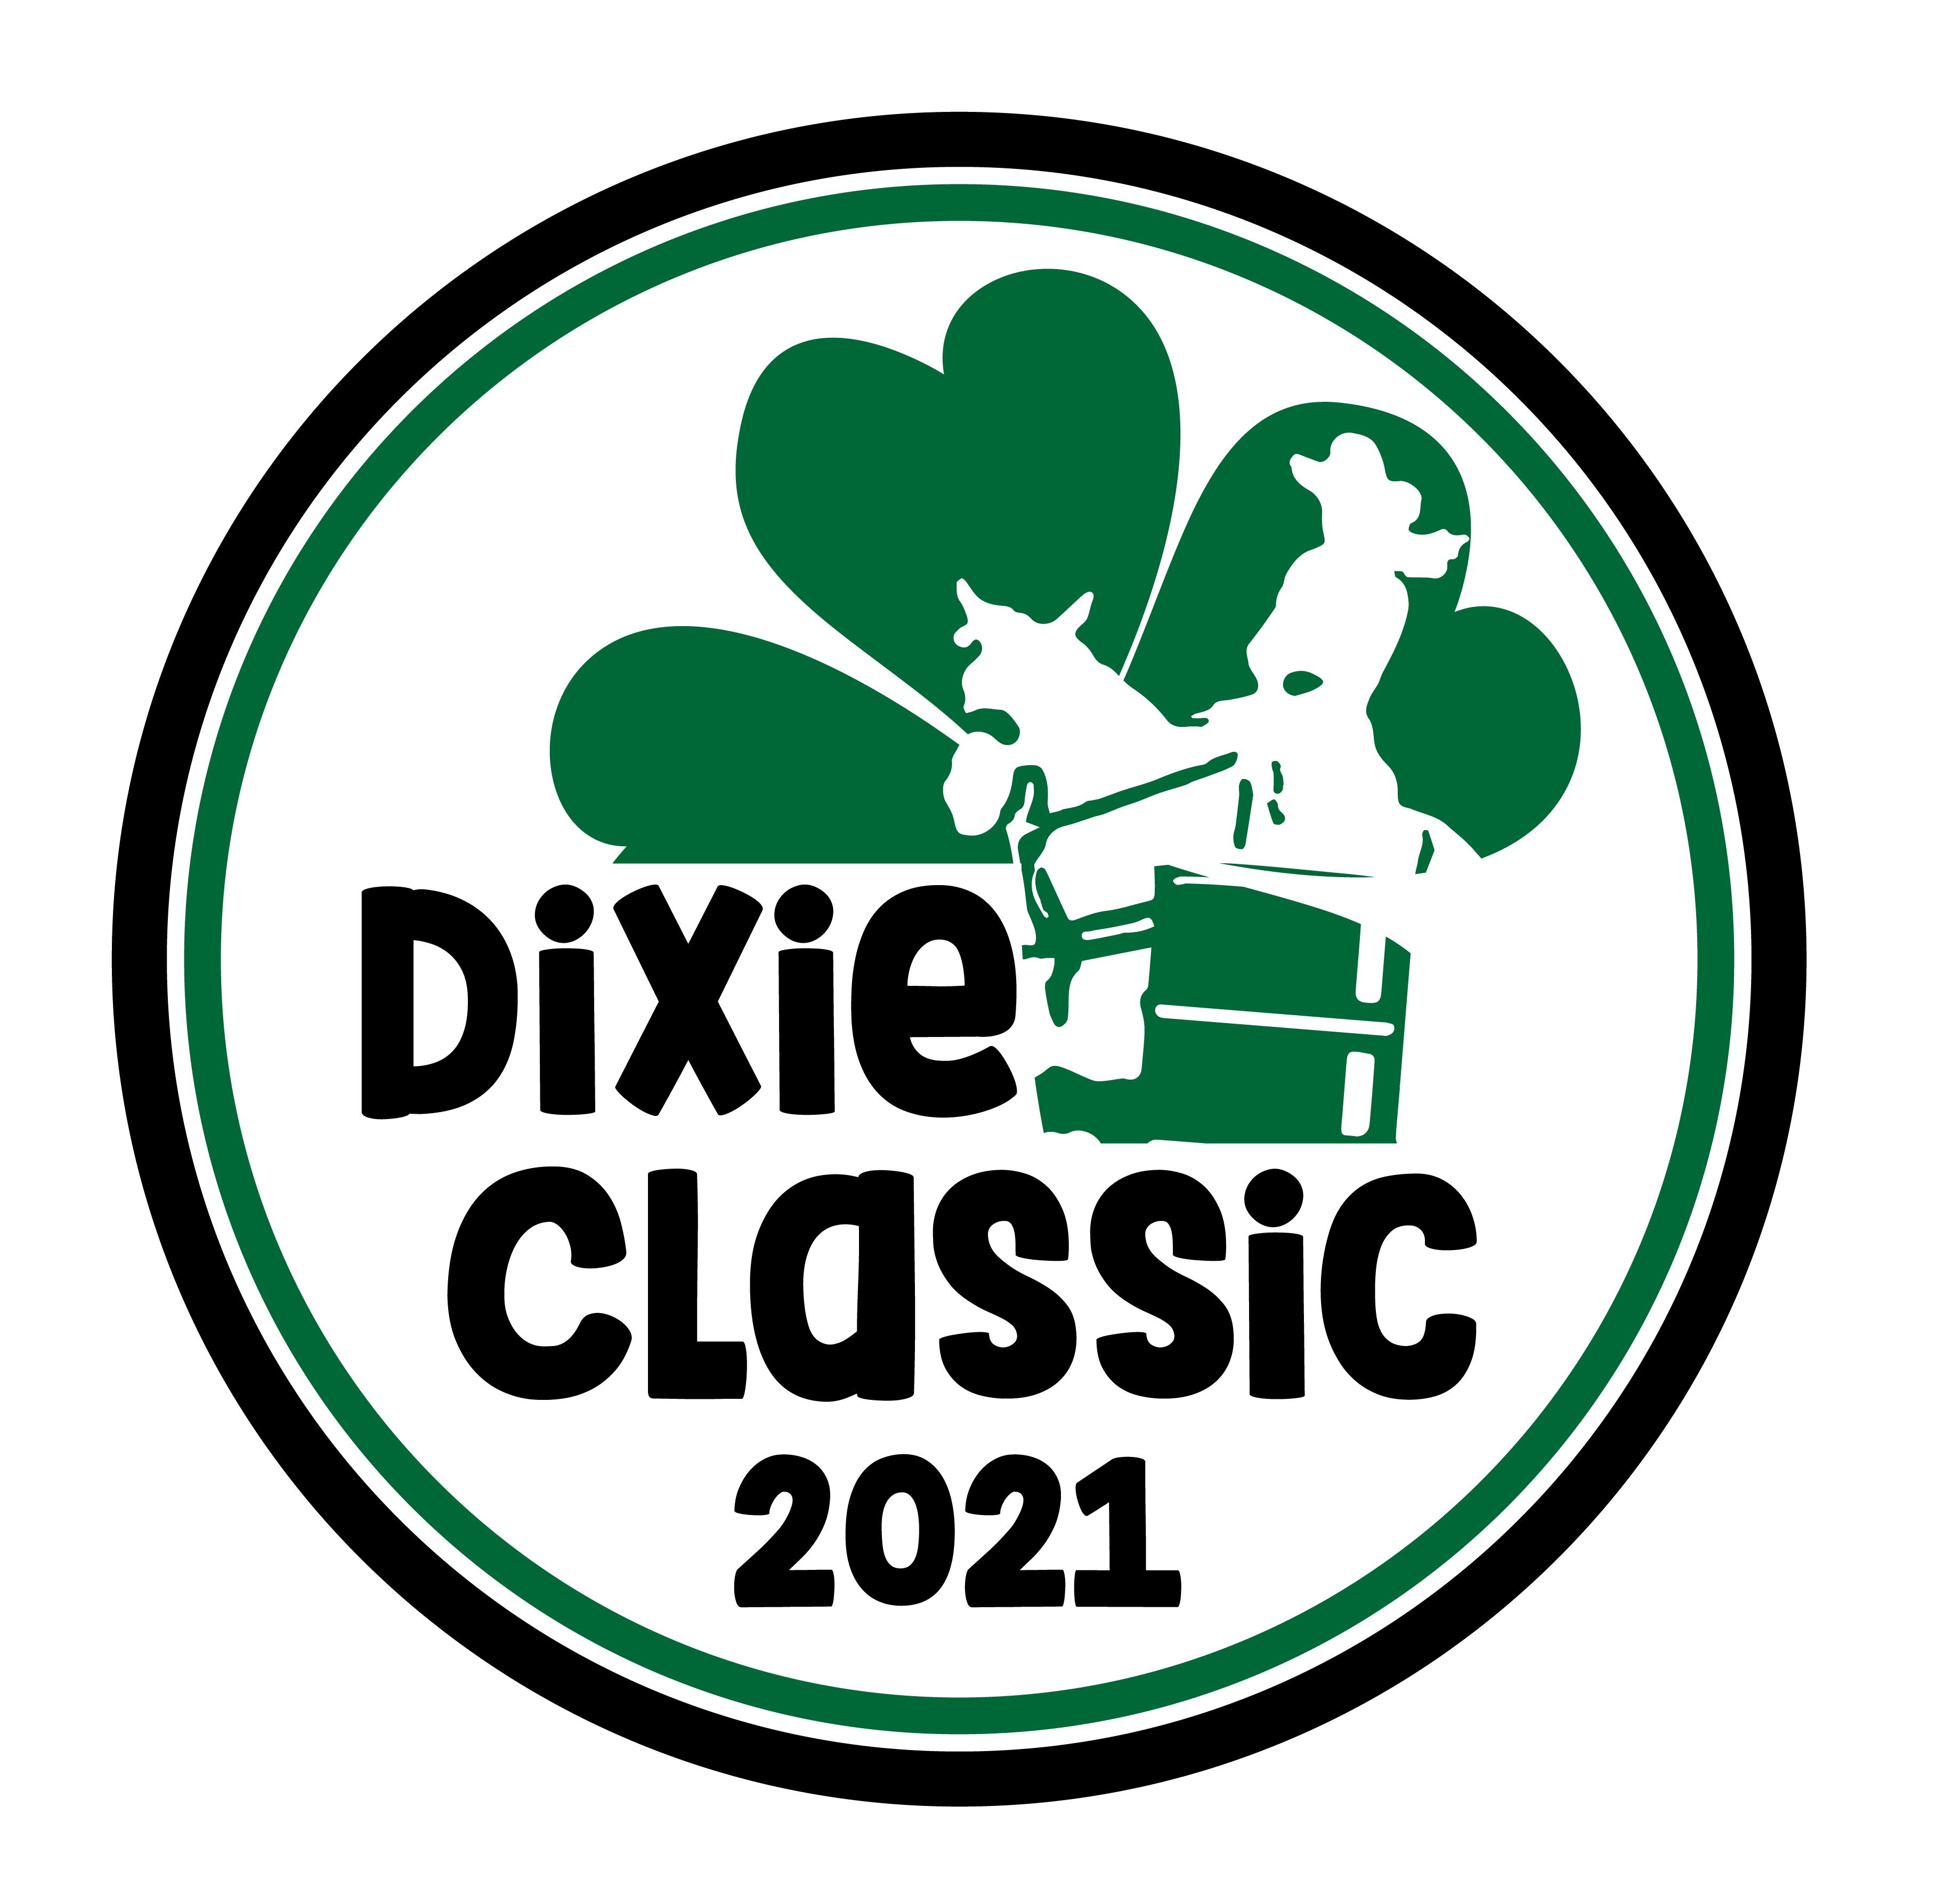 Dixie Classic 2021